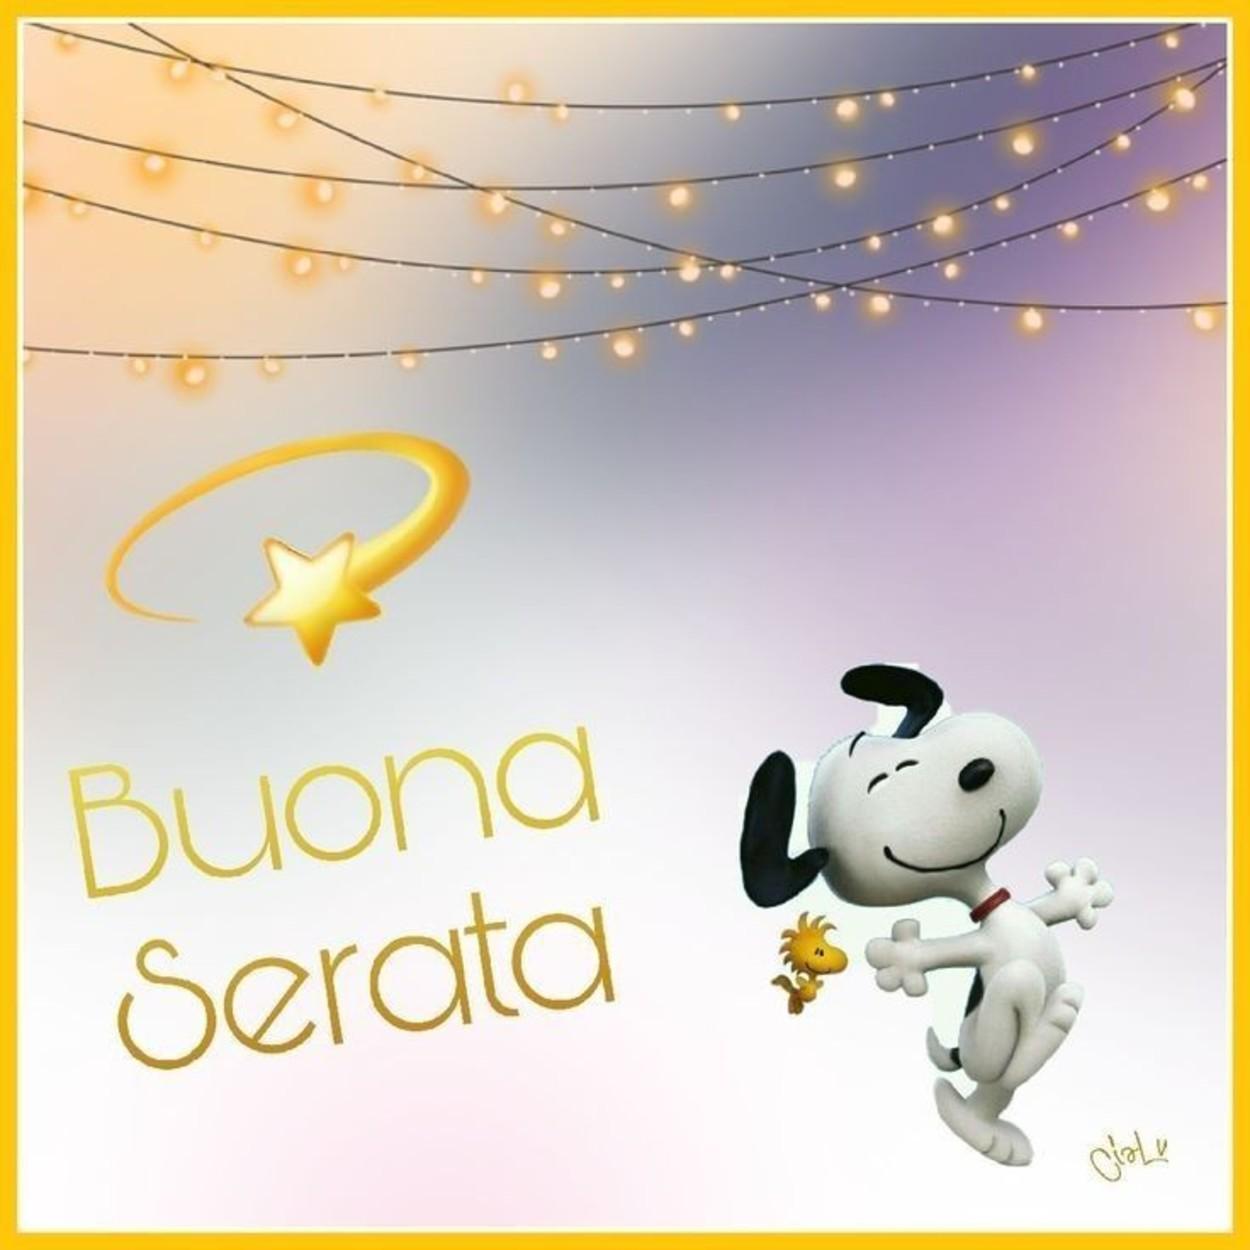 Belle Immagini Buona Serata Snoopy Buongiornocolsorriso It